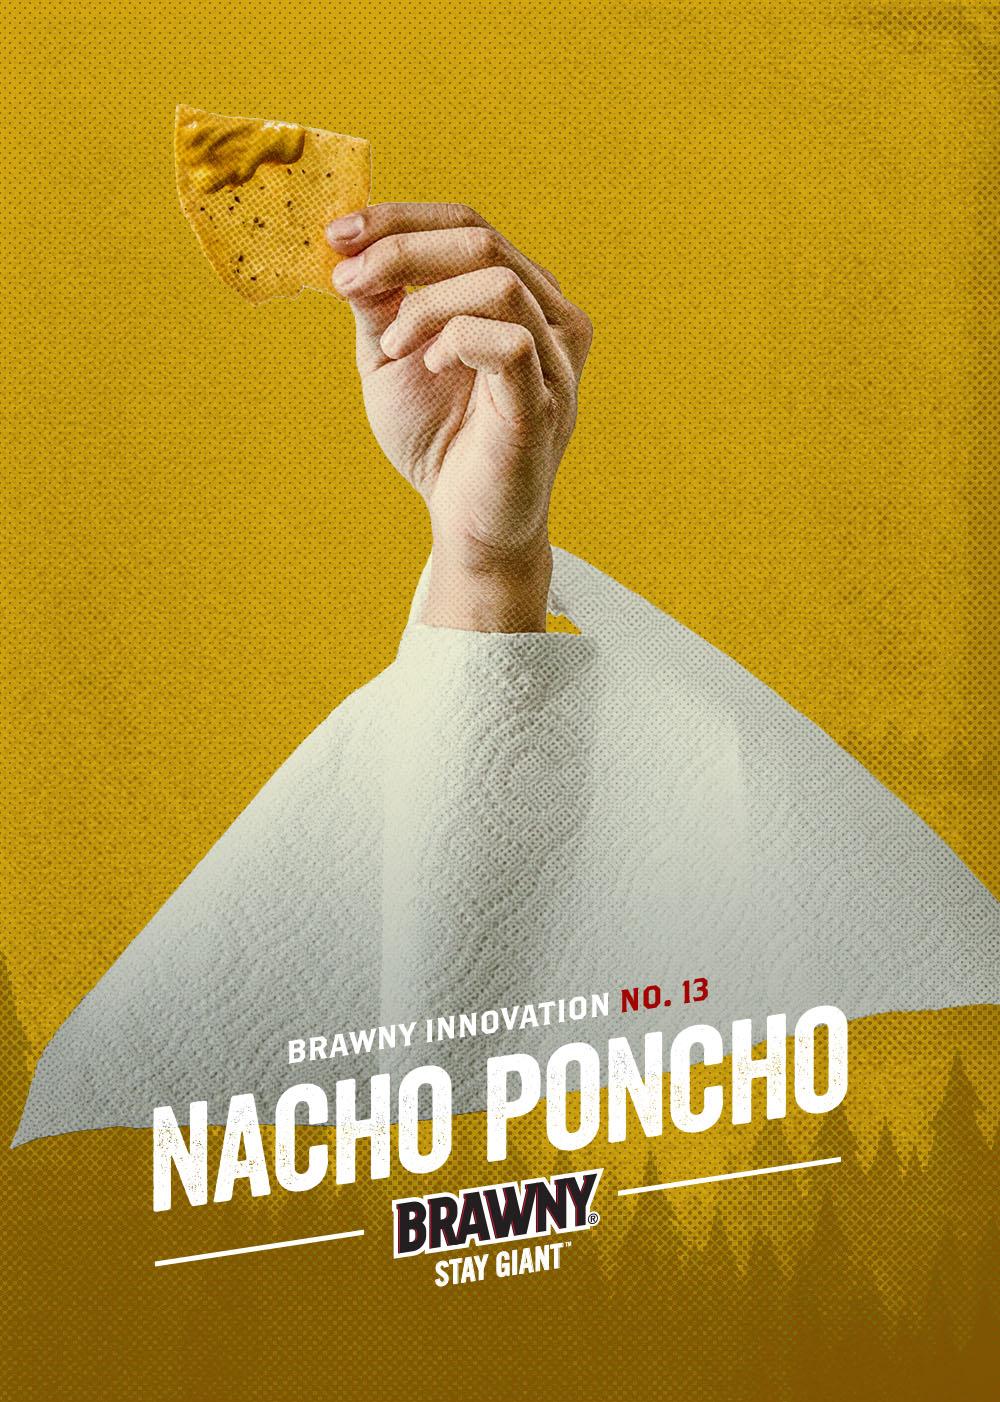 Brawny_Brawny_Innovation_Nacho_Poncho